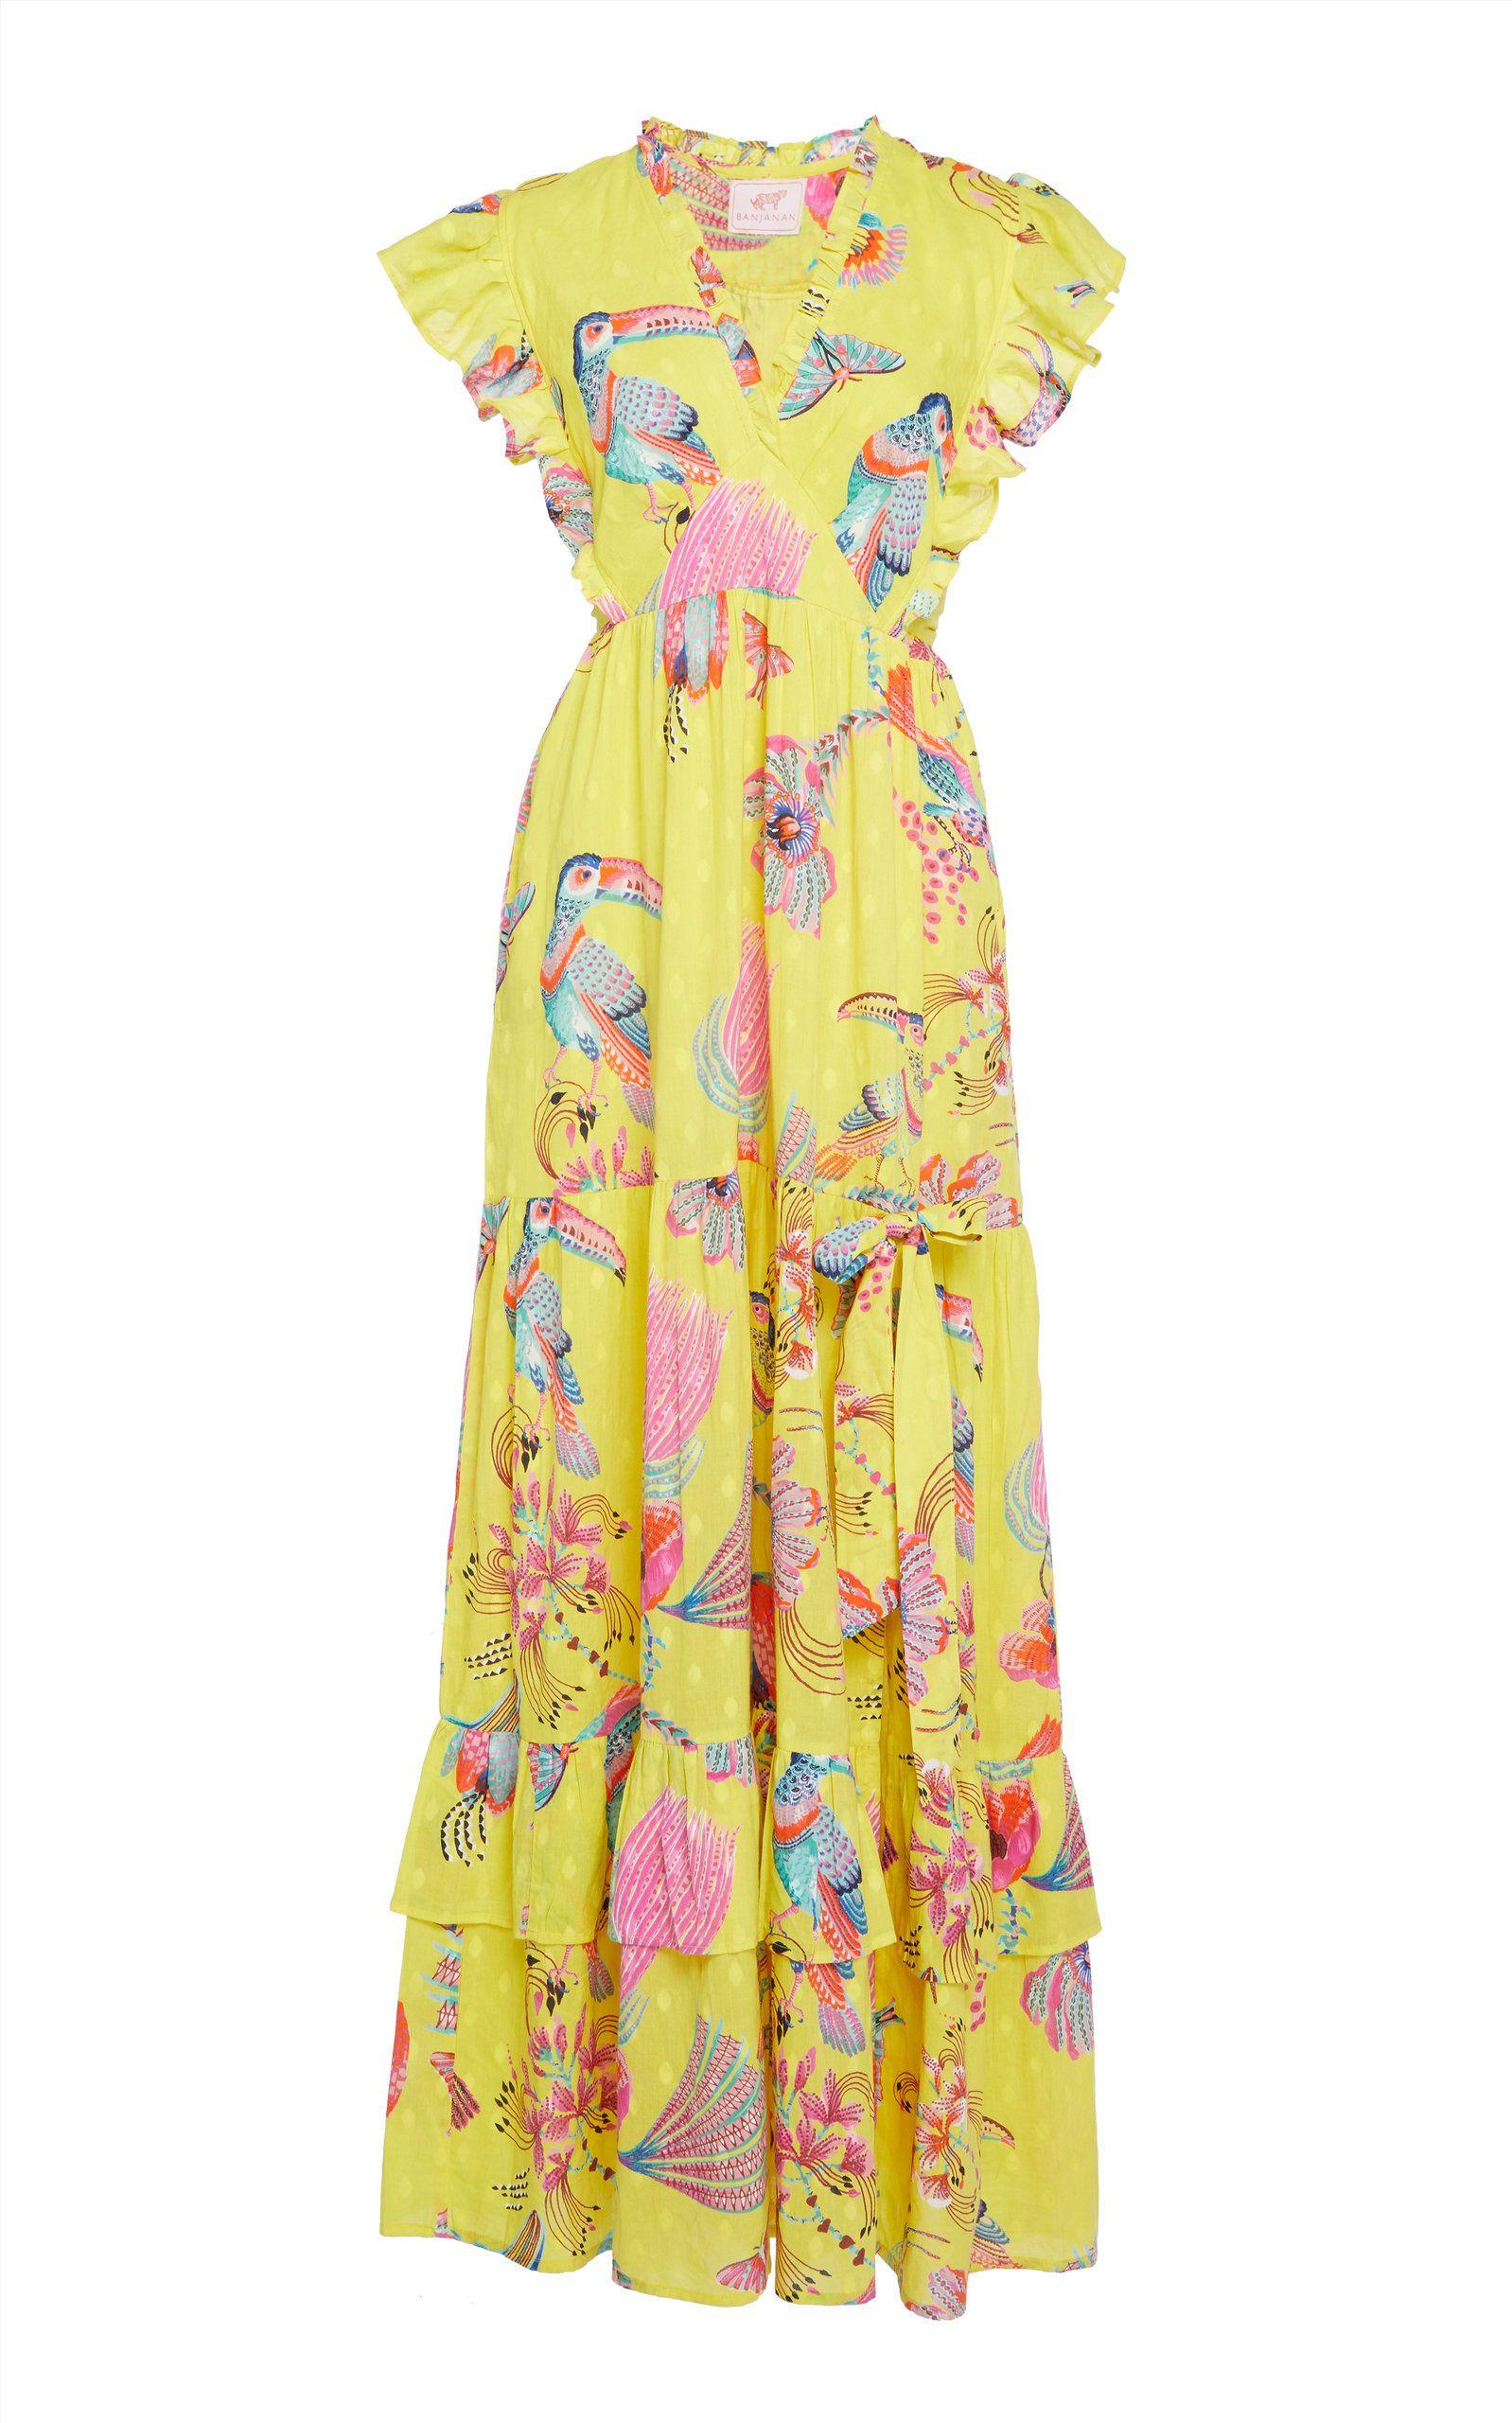 summer dress dress FLAMINGO application DRESS cotton dress yellow dress